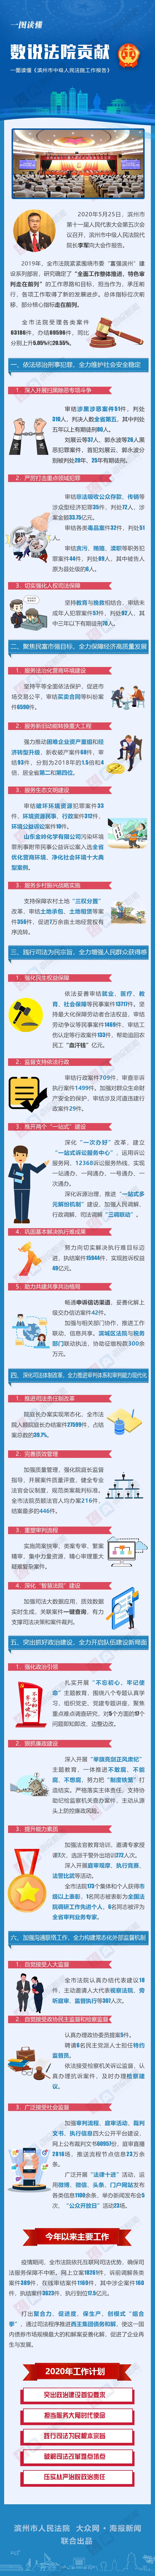 #大众报业·海报新闻#| 一图读懂《滨州市中级人民法院工作报告》,数说法院贡献